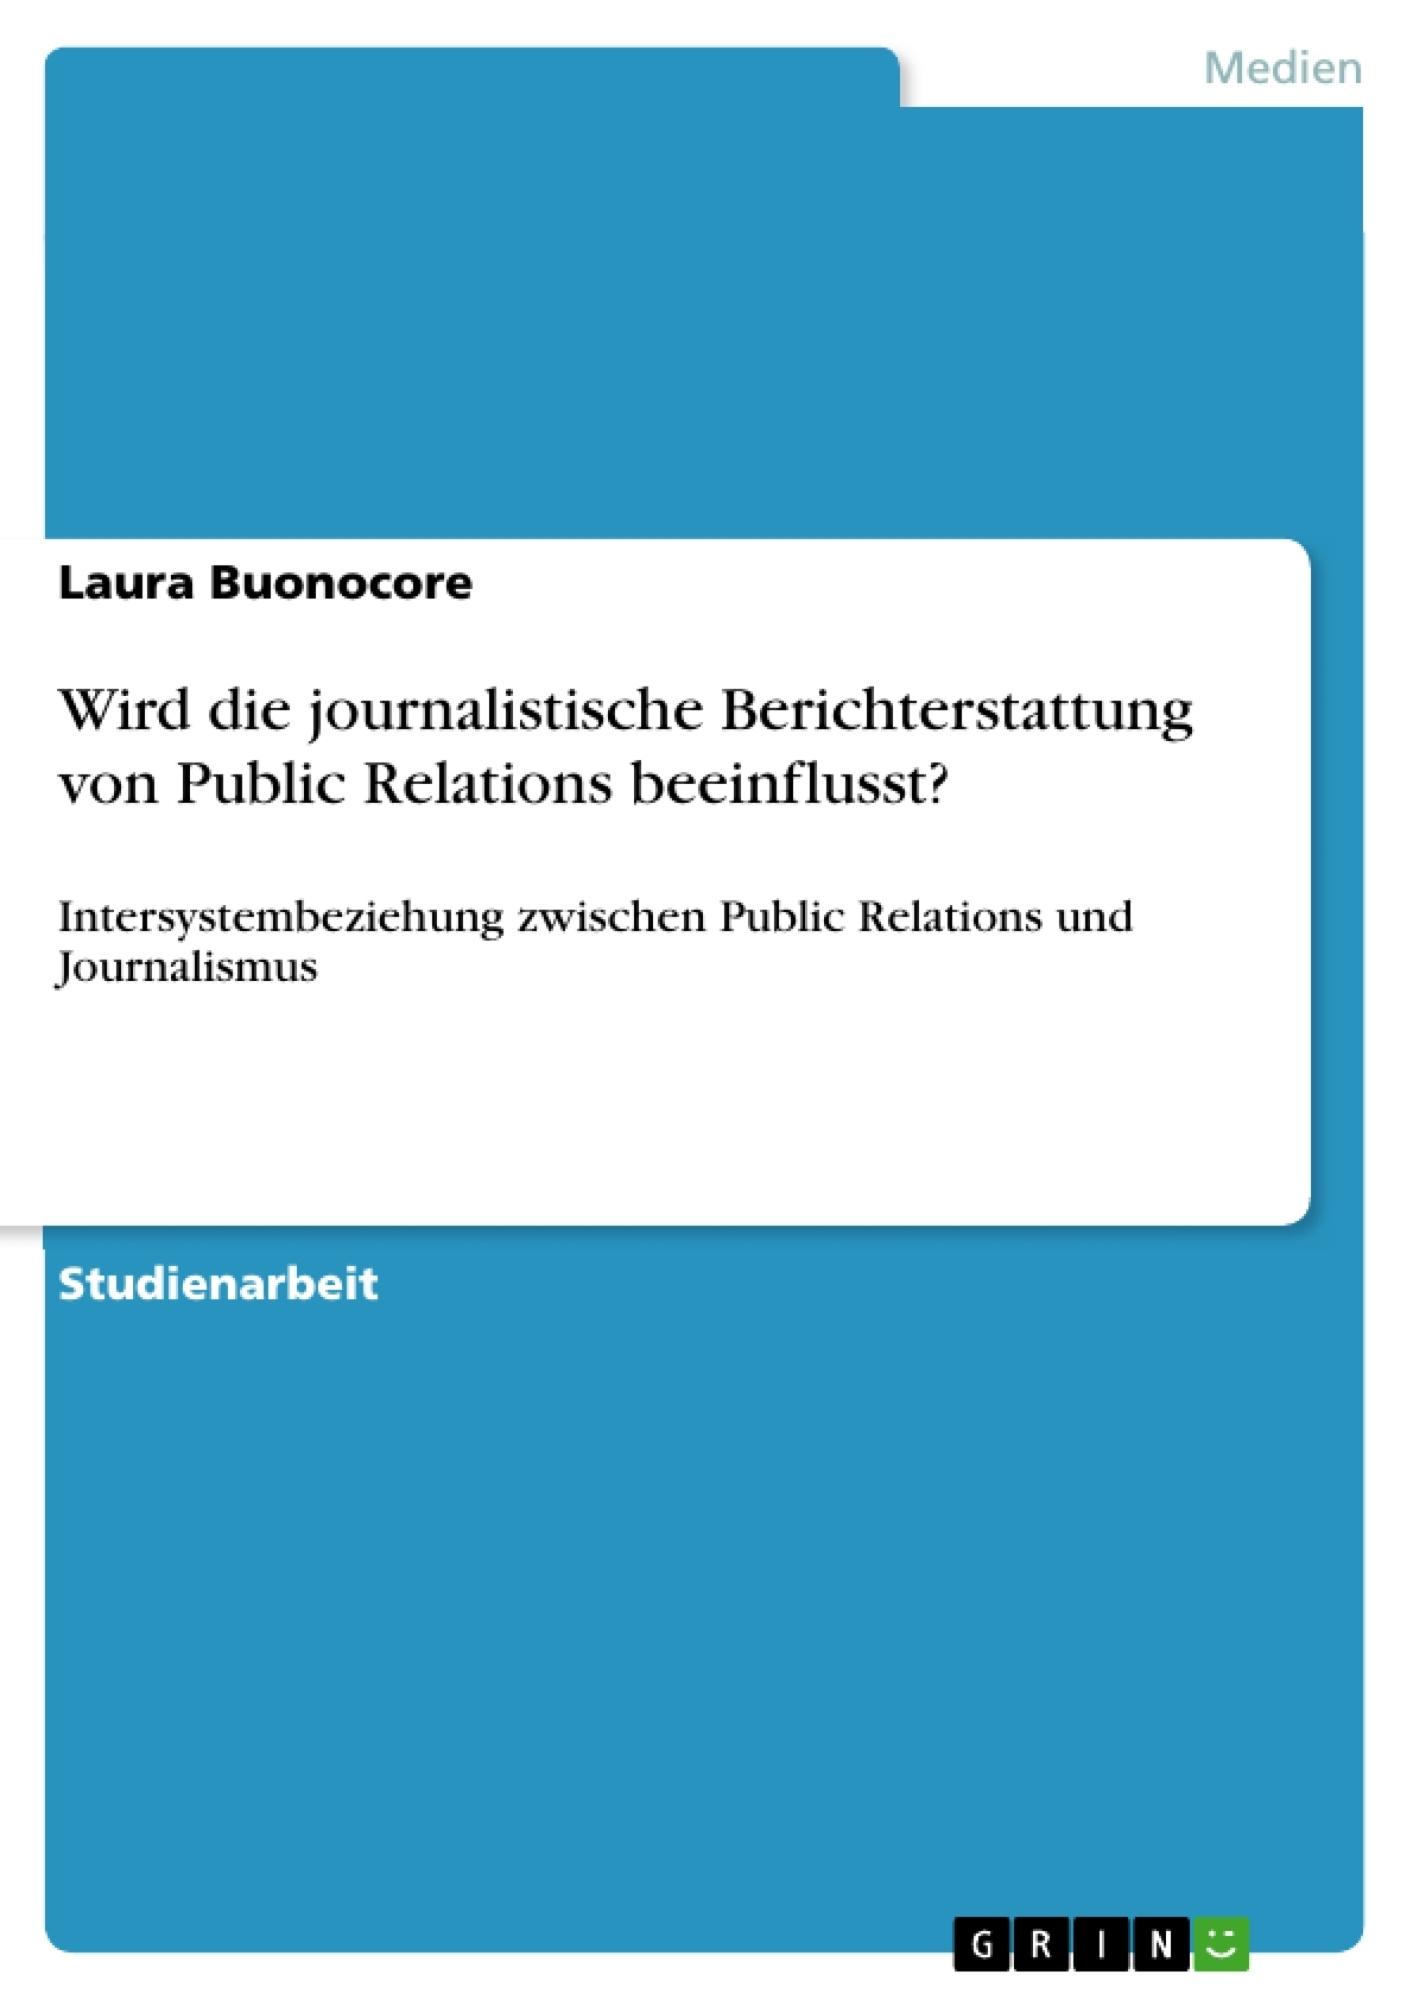 Titel: Wird die journalistische Berichterstattung von Public Relations beeinflusst?